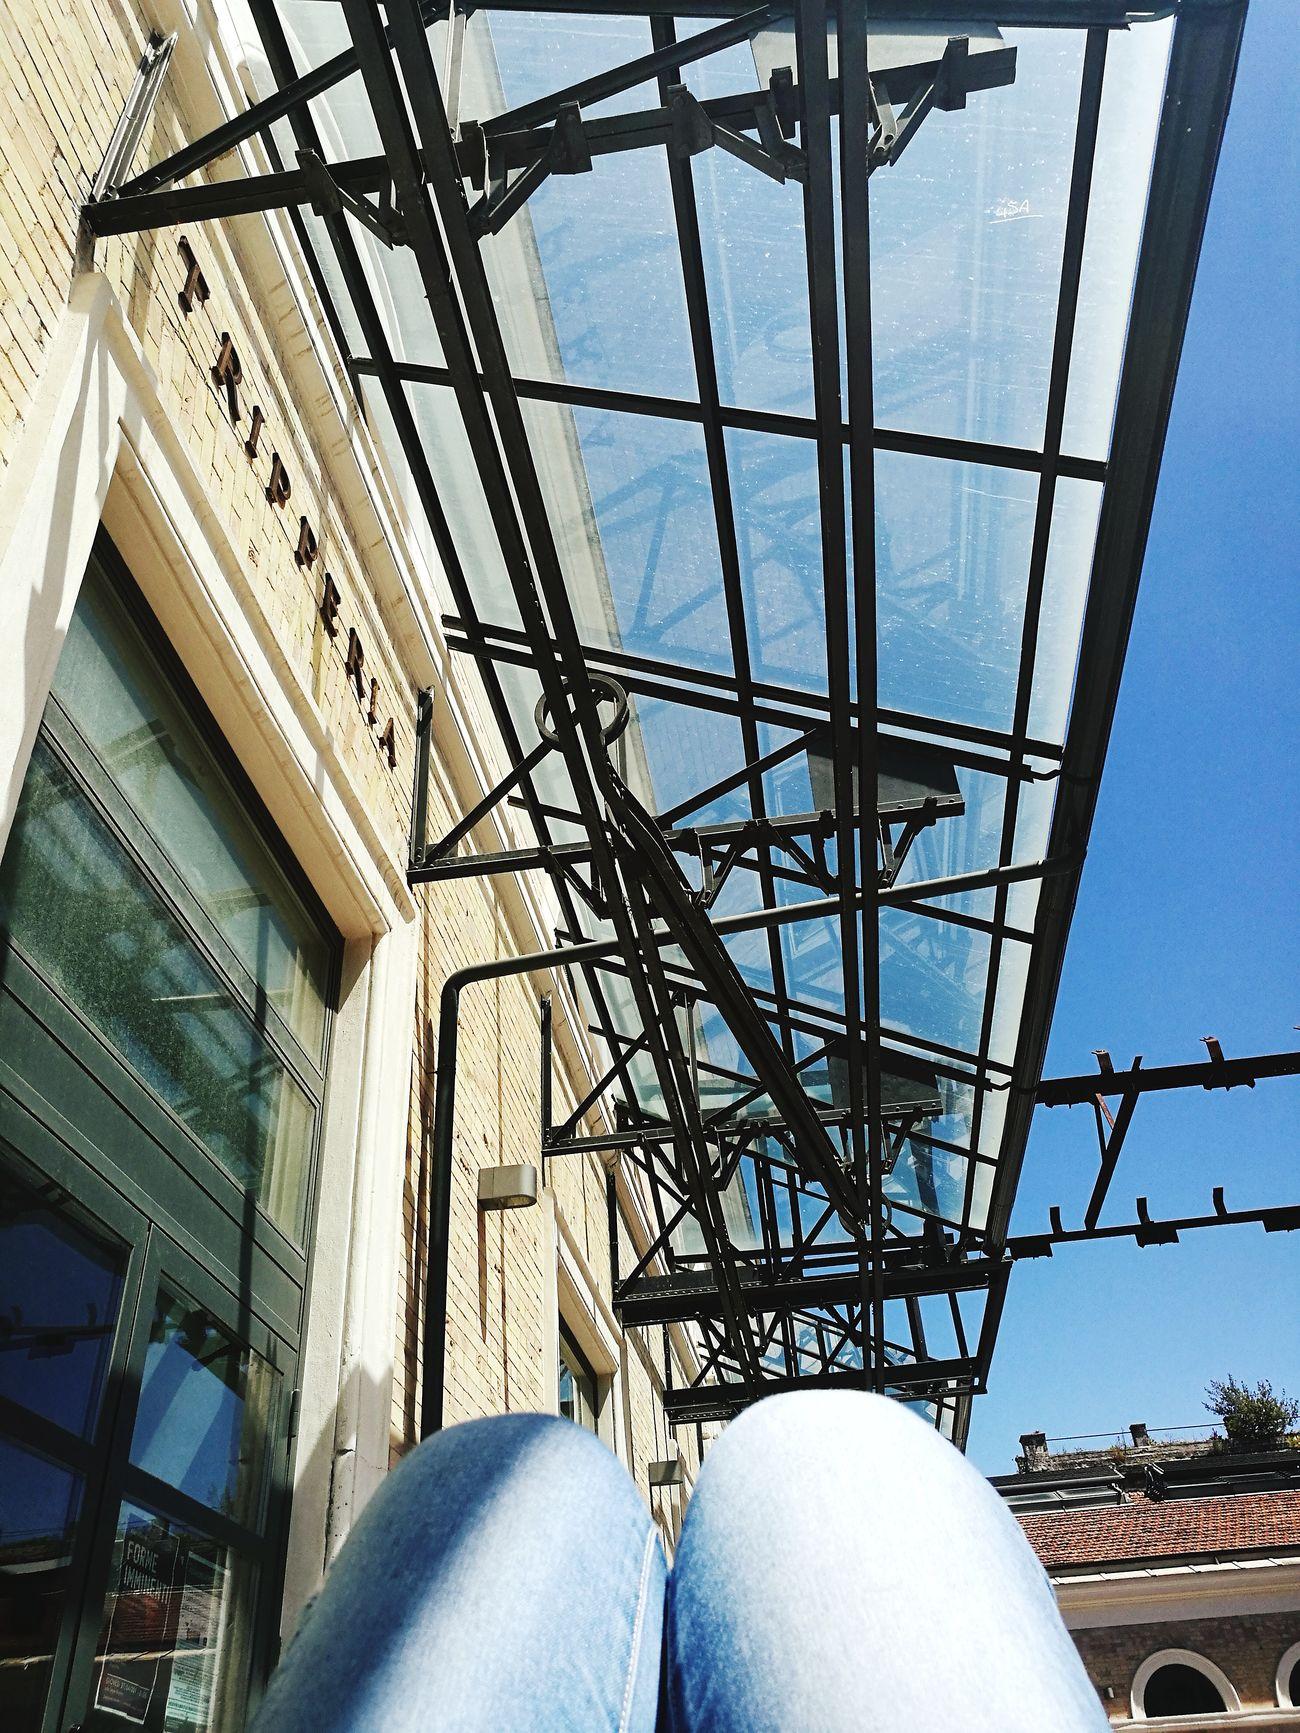 Architecture Sky Outdoors Nature Relax Relaxing Time Riposino Postpranzo  Università  University Romatre Architorture Mattatoio Studio Pausa Noncelapossofare Sole Sun Caldo Sistabene